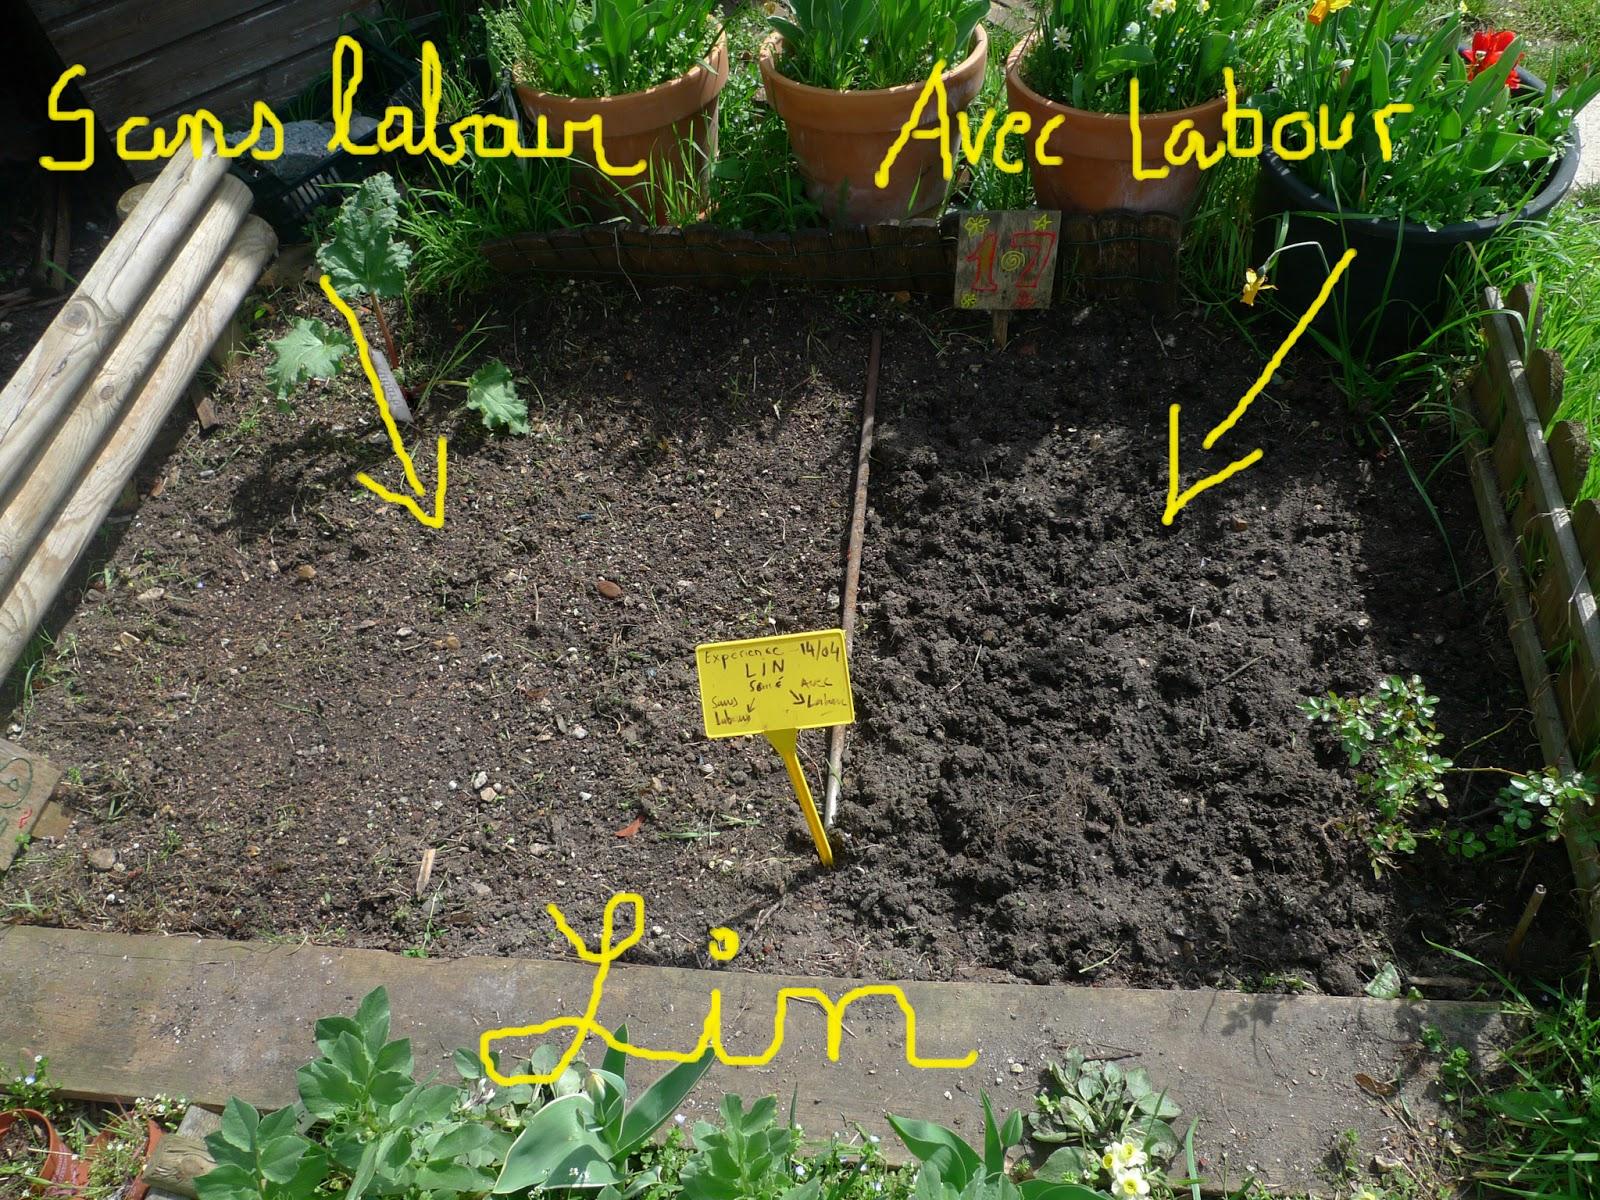 Faire des semis avec ou sans labour une exp rience for Au jardin des sans pourquoi translation